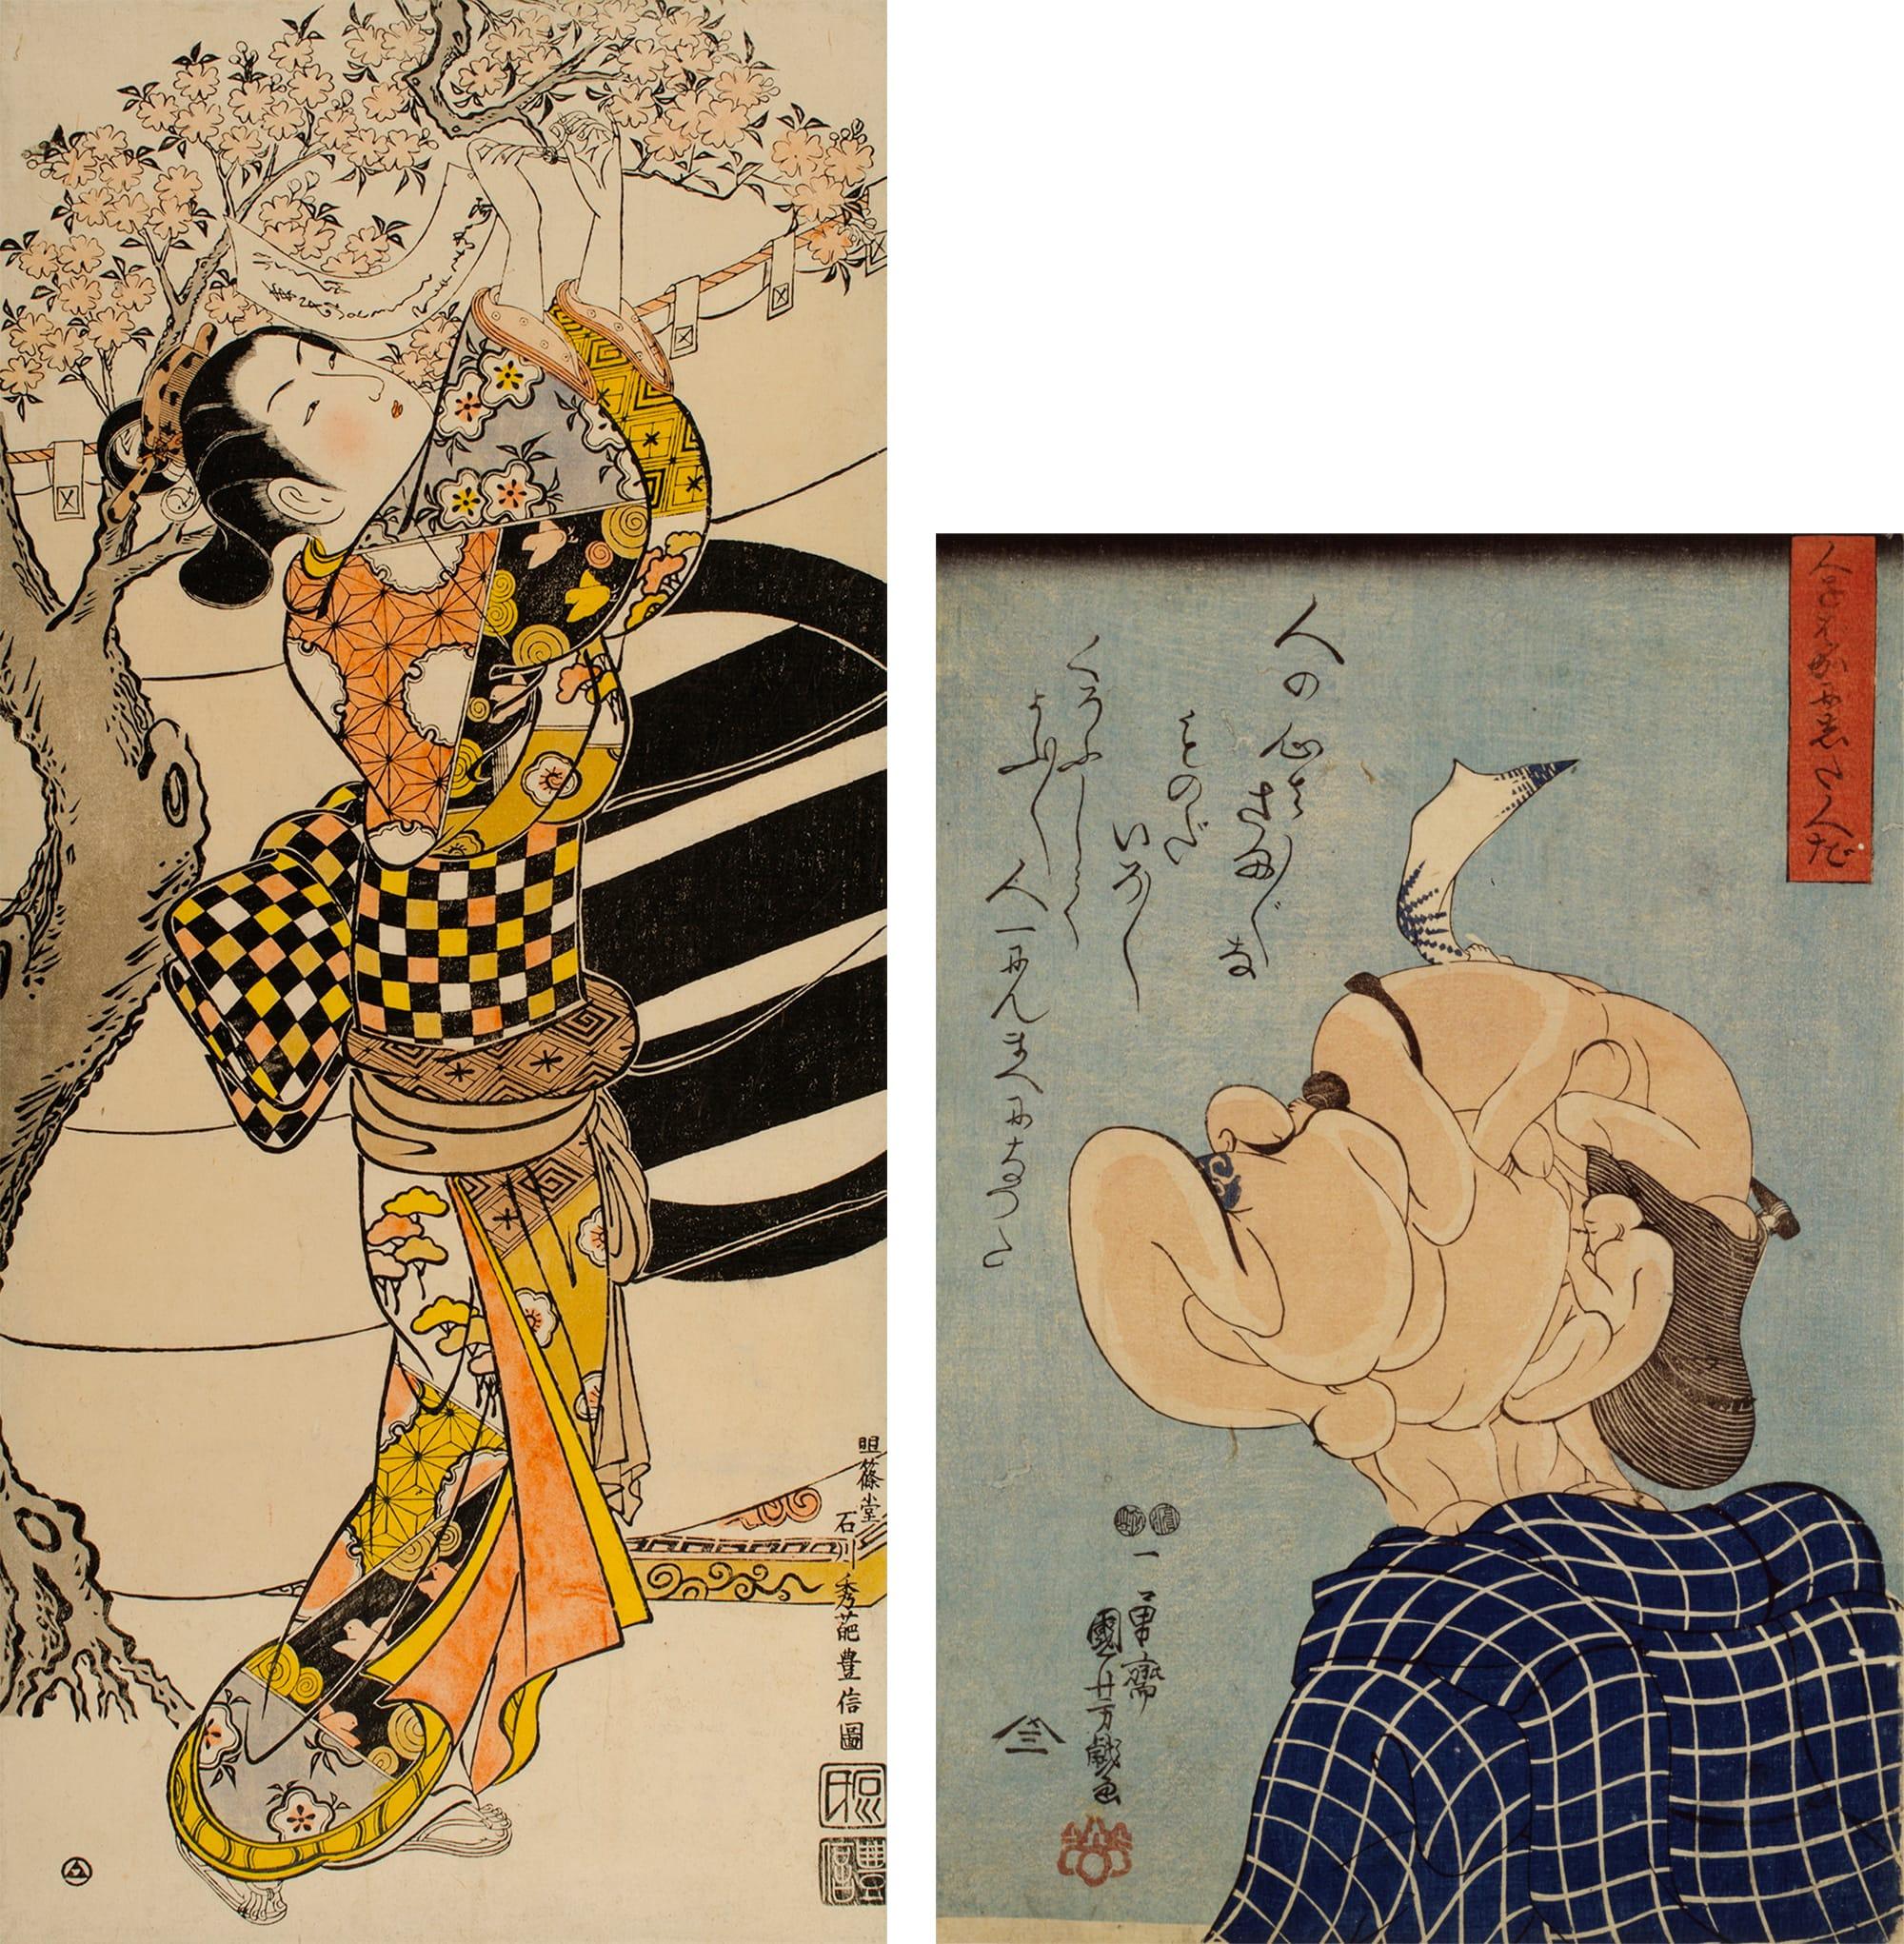 圖左:重要文化財產 石川豐信的「花下美人」 大大判 紅繪(浮世繪的彩色技法) 延享期 (1744-48) 平木浮世繪財團 《美人畫》浮世繪的主流,也是當時的時尚潮流的傳播媒介。 圖右:歌川國芳「那些愚弄人的人」 大判 錦繪 弘化4年(1847)左右 日本浮世繪博物館